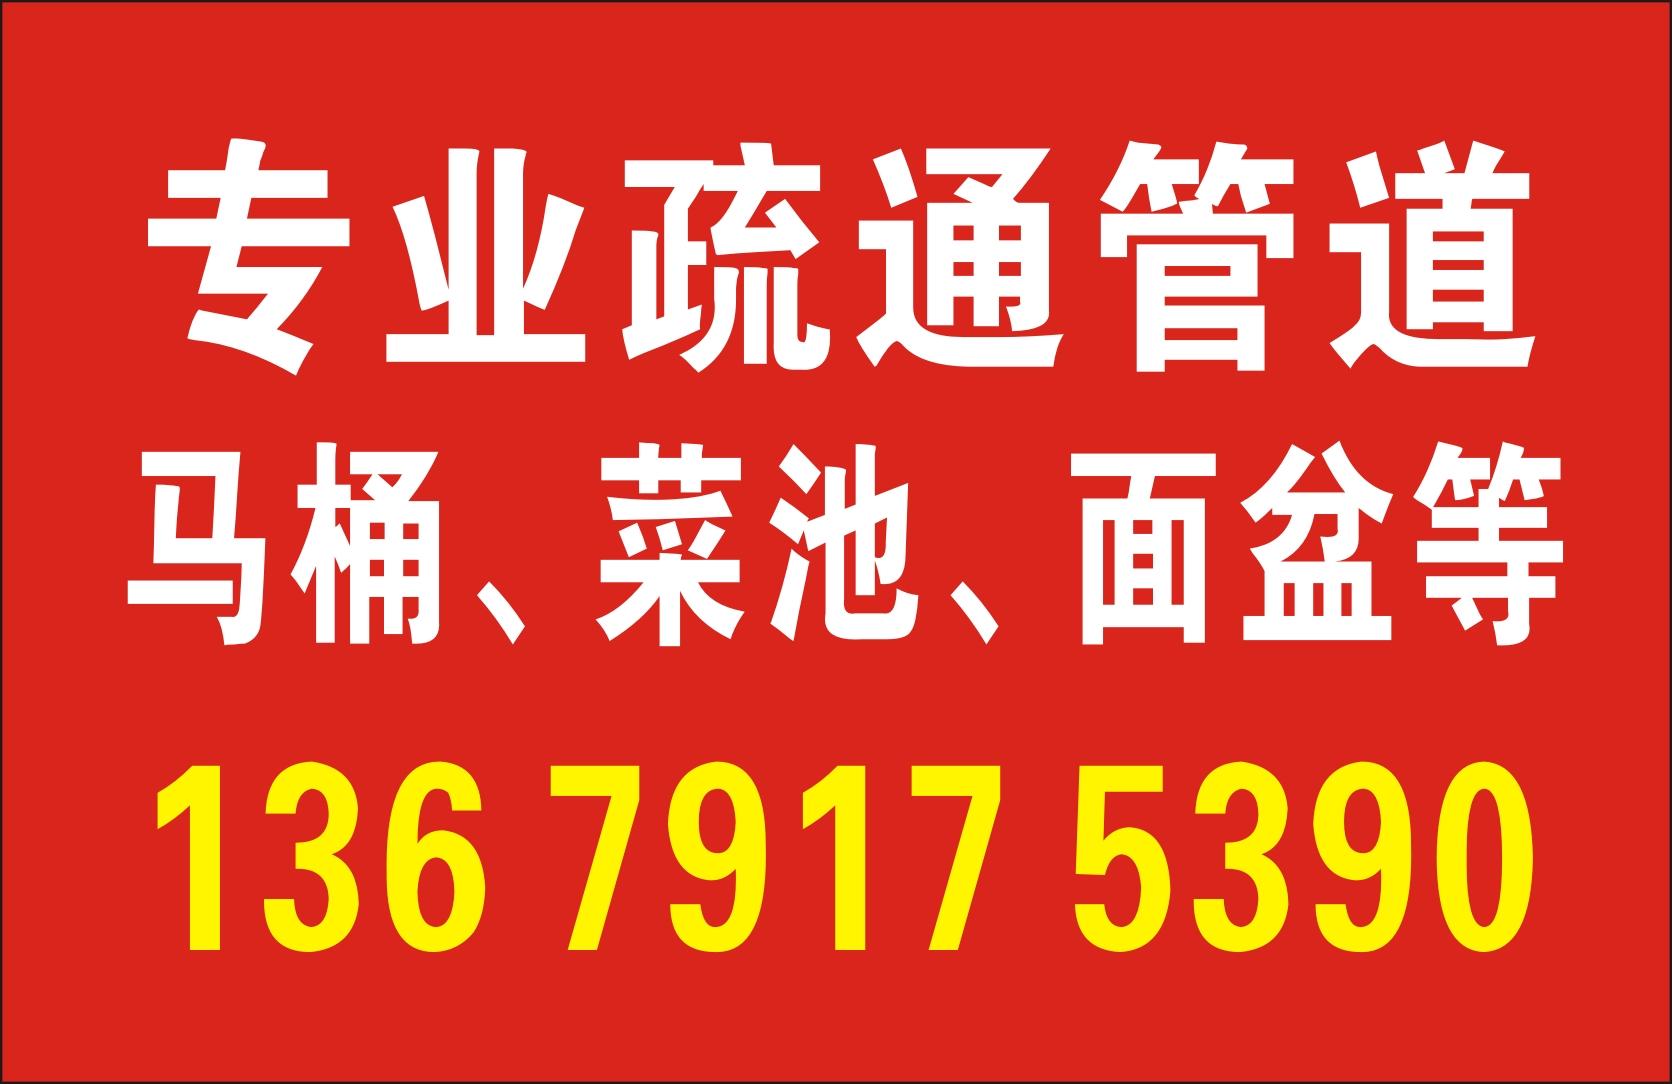 杨凌区专业疏通管道、马桶、菜池、面盆等!联系电话: